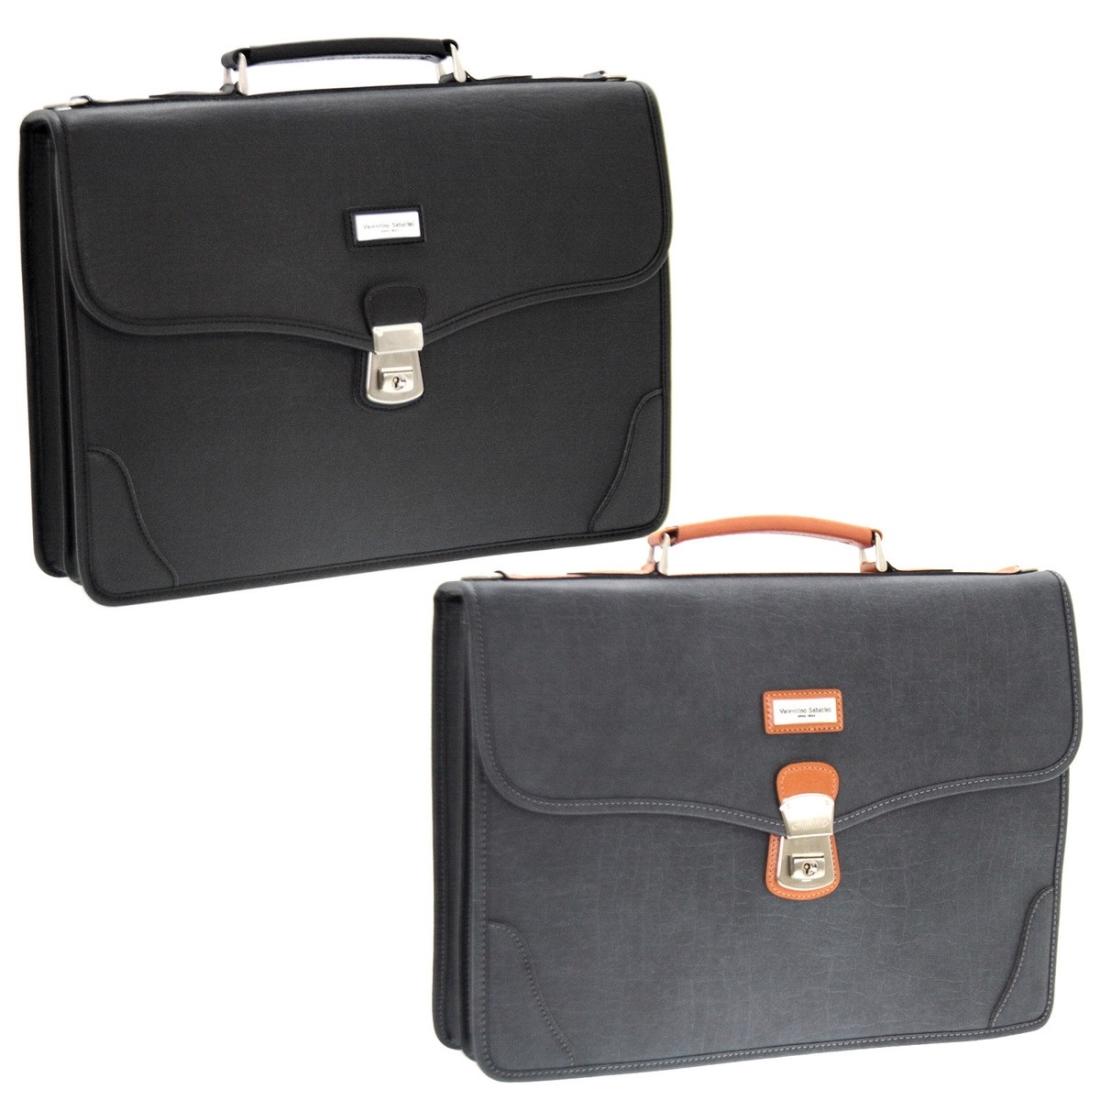 合皮フェイクレザークラッチバッグ ブラック ビジネス 仕事 バッグ 日本製日本 クラッチ バッグ 革 本革 付属 鞄 セカンドバッグ